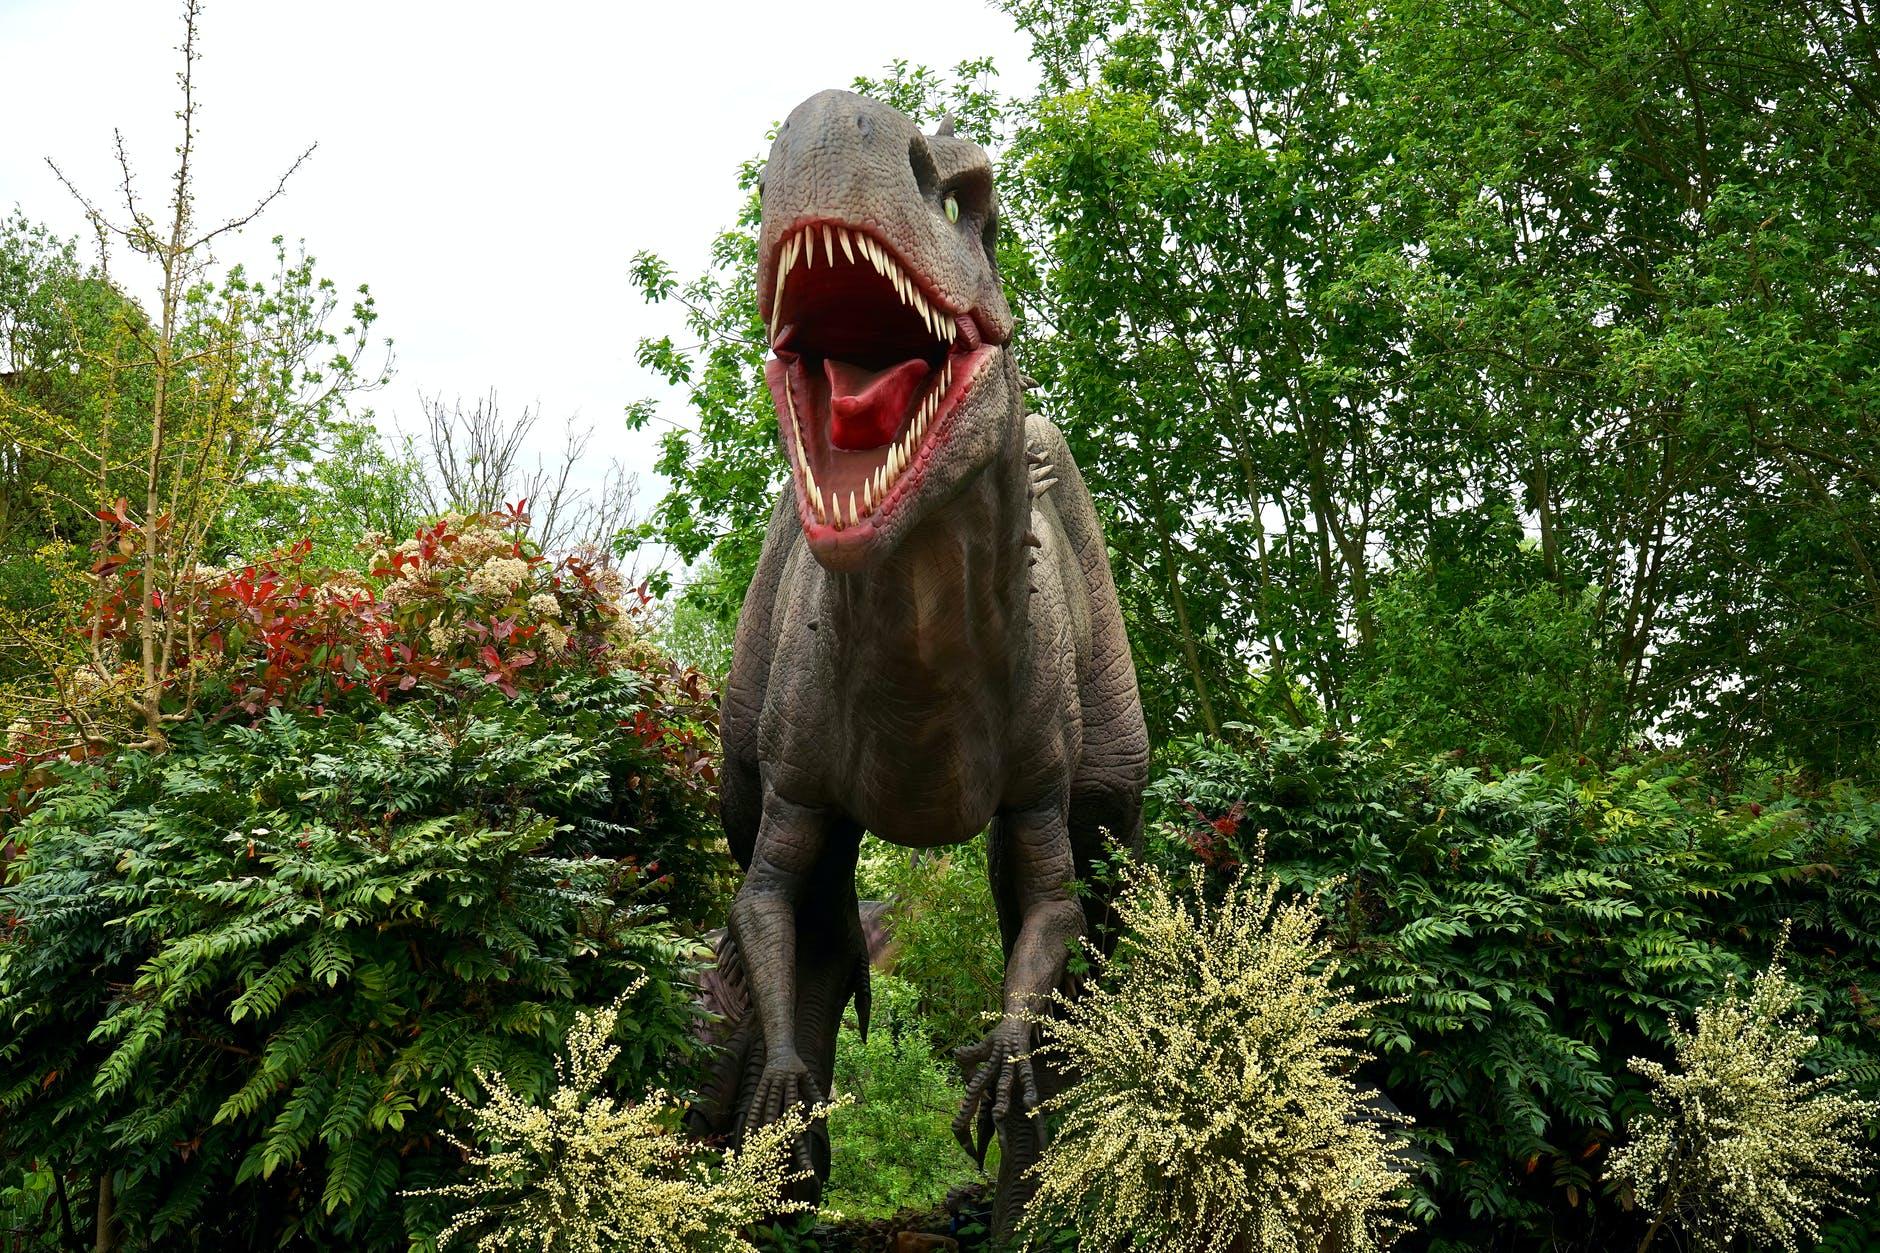 Así evolucionaron los dinosaurios hasta convertirse en aves